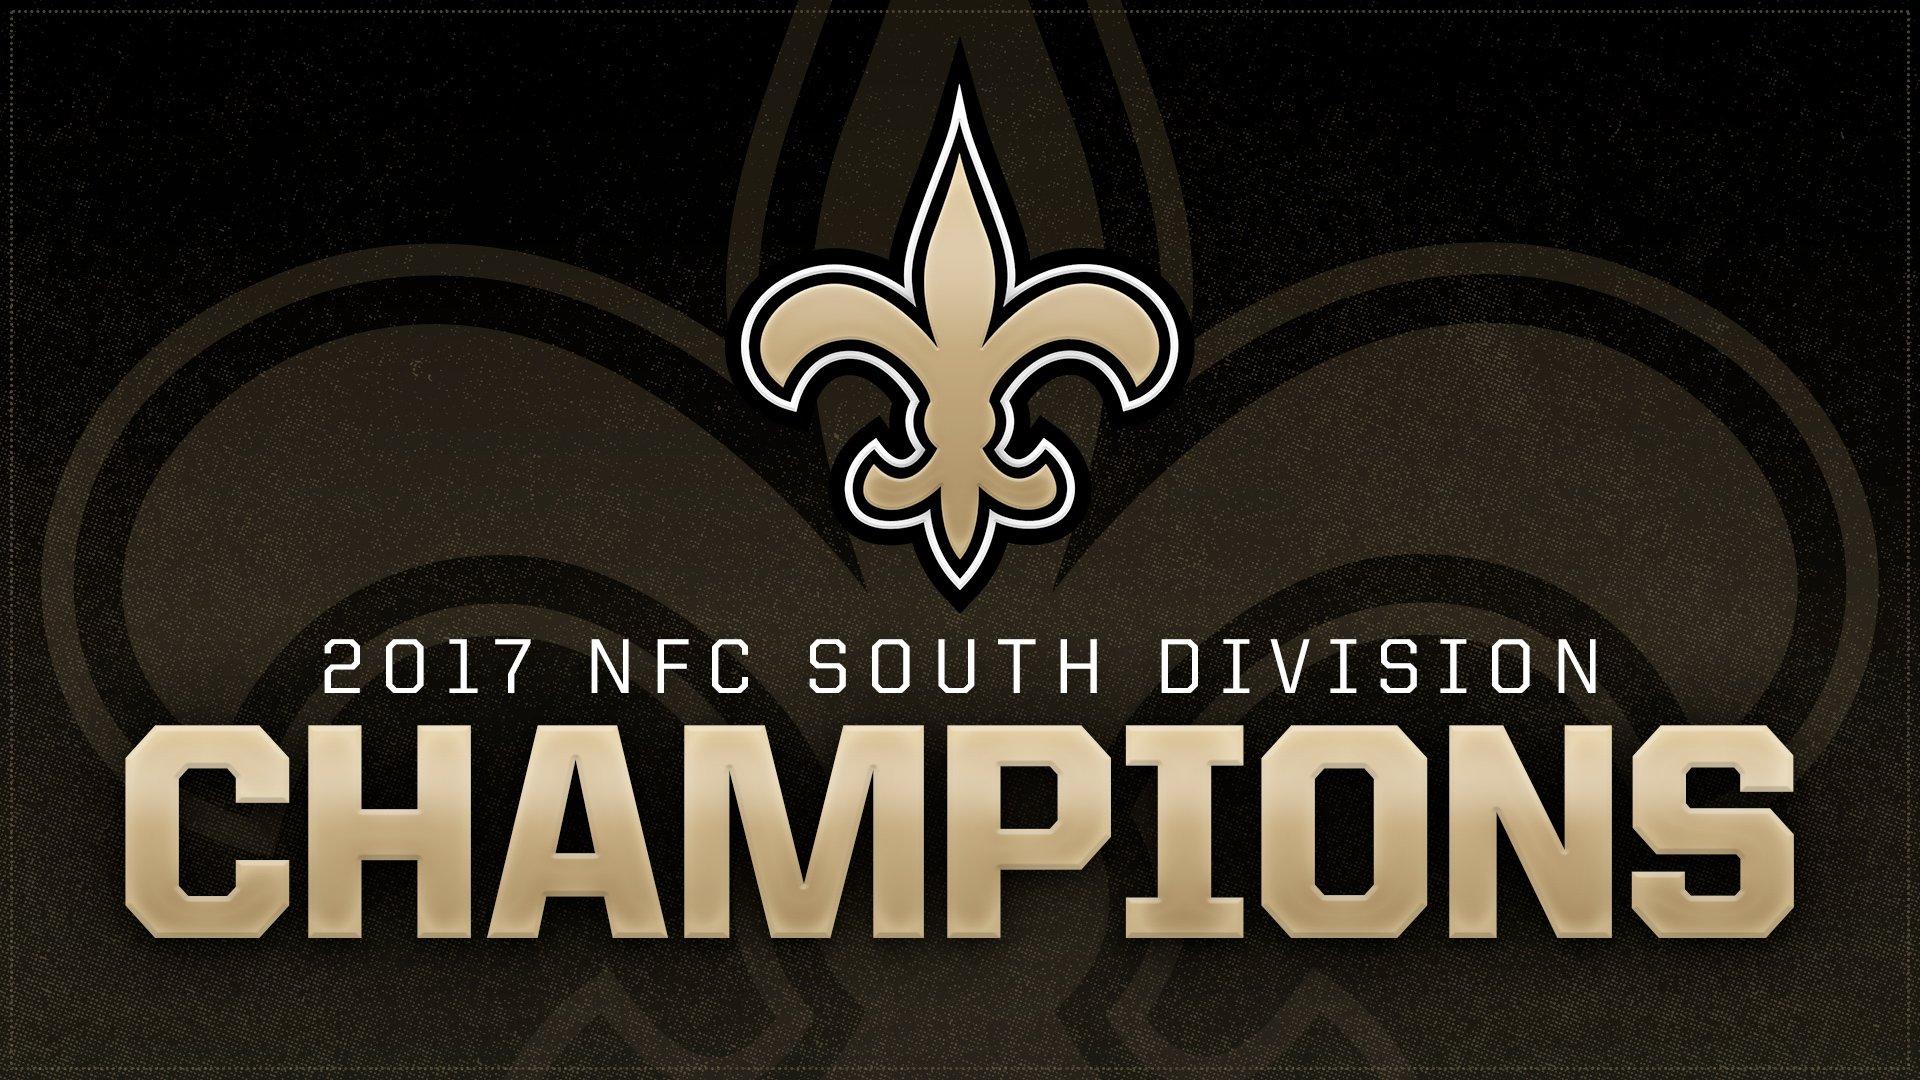 New Orleans Saints On Twitter Nfc South Champs Gosaints